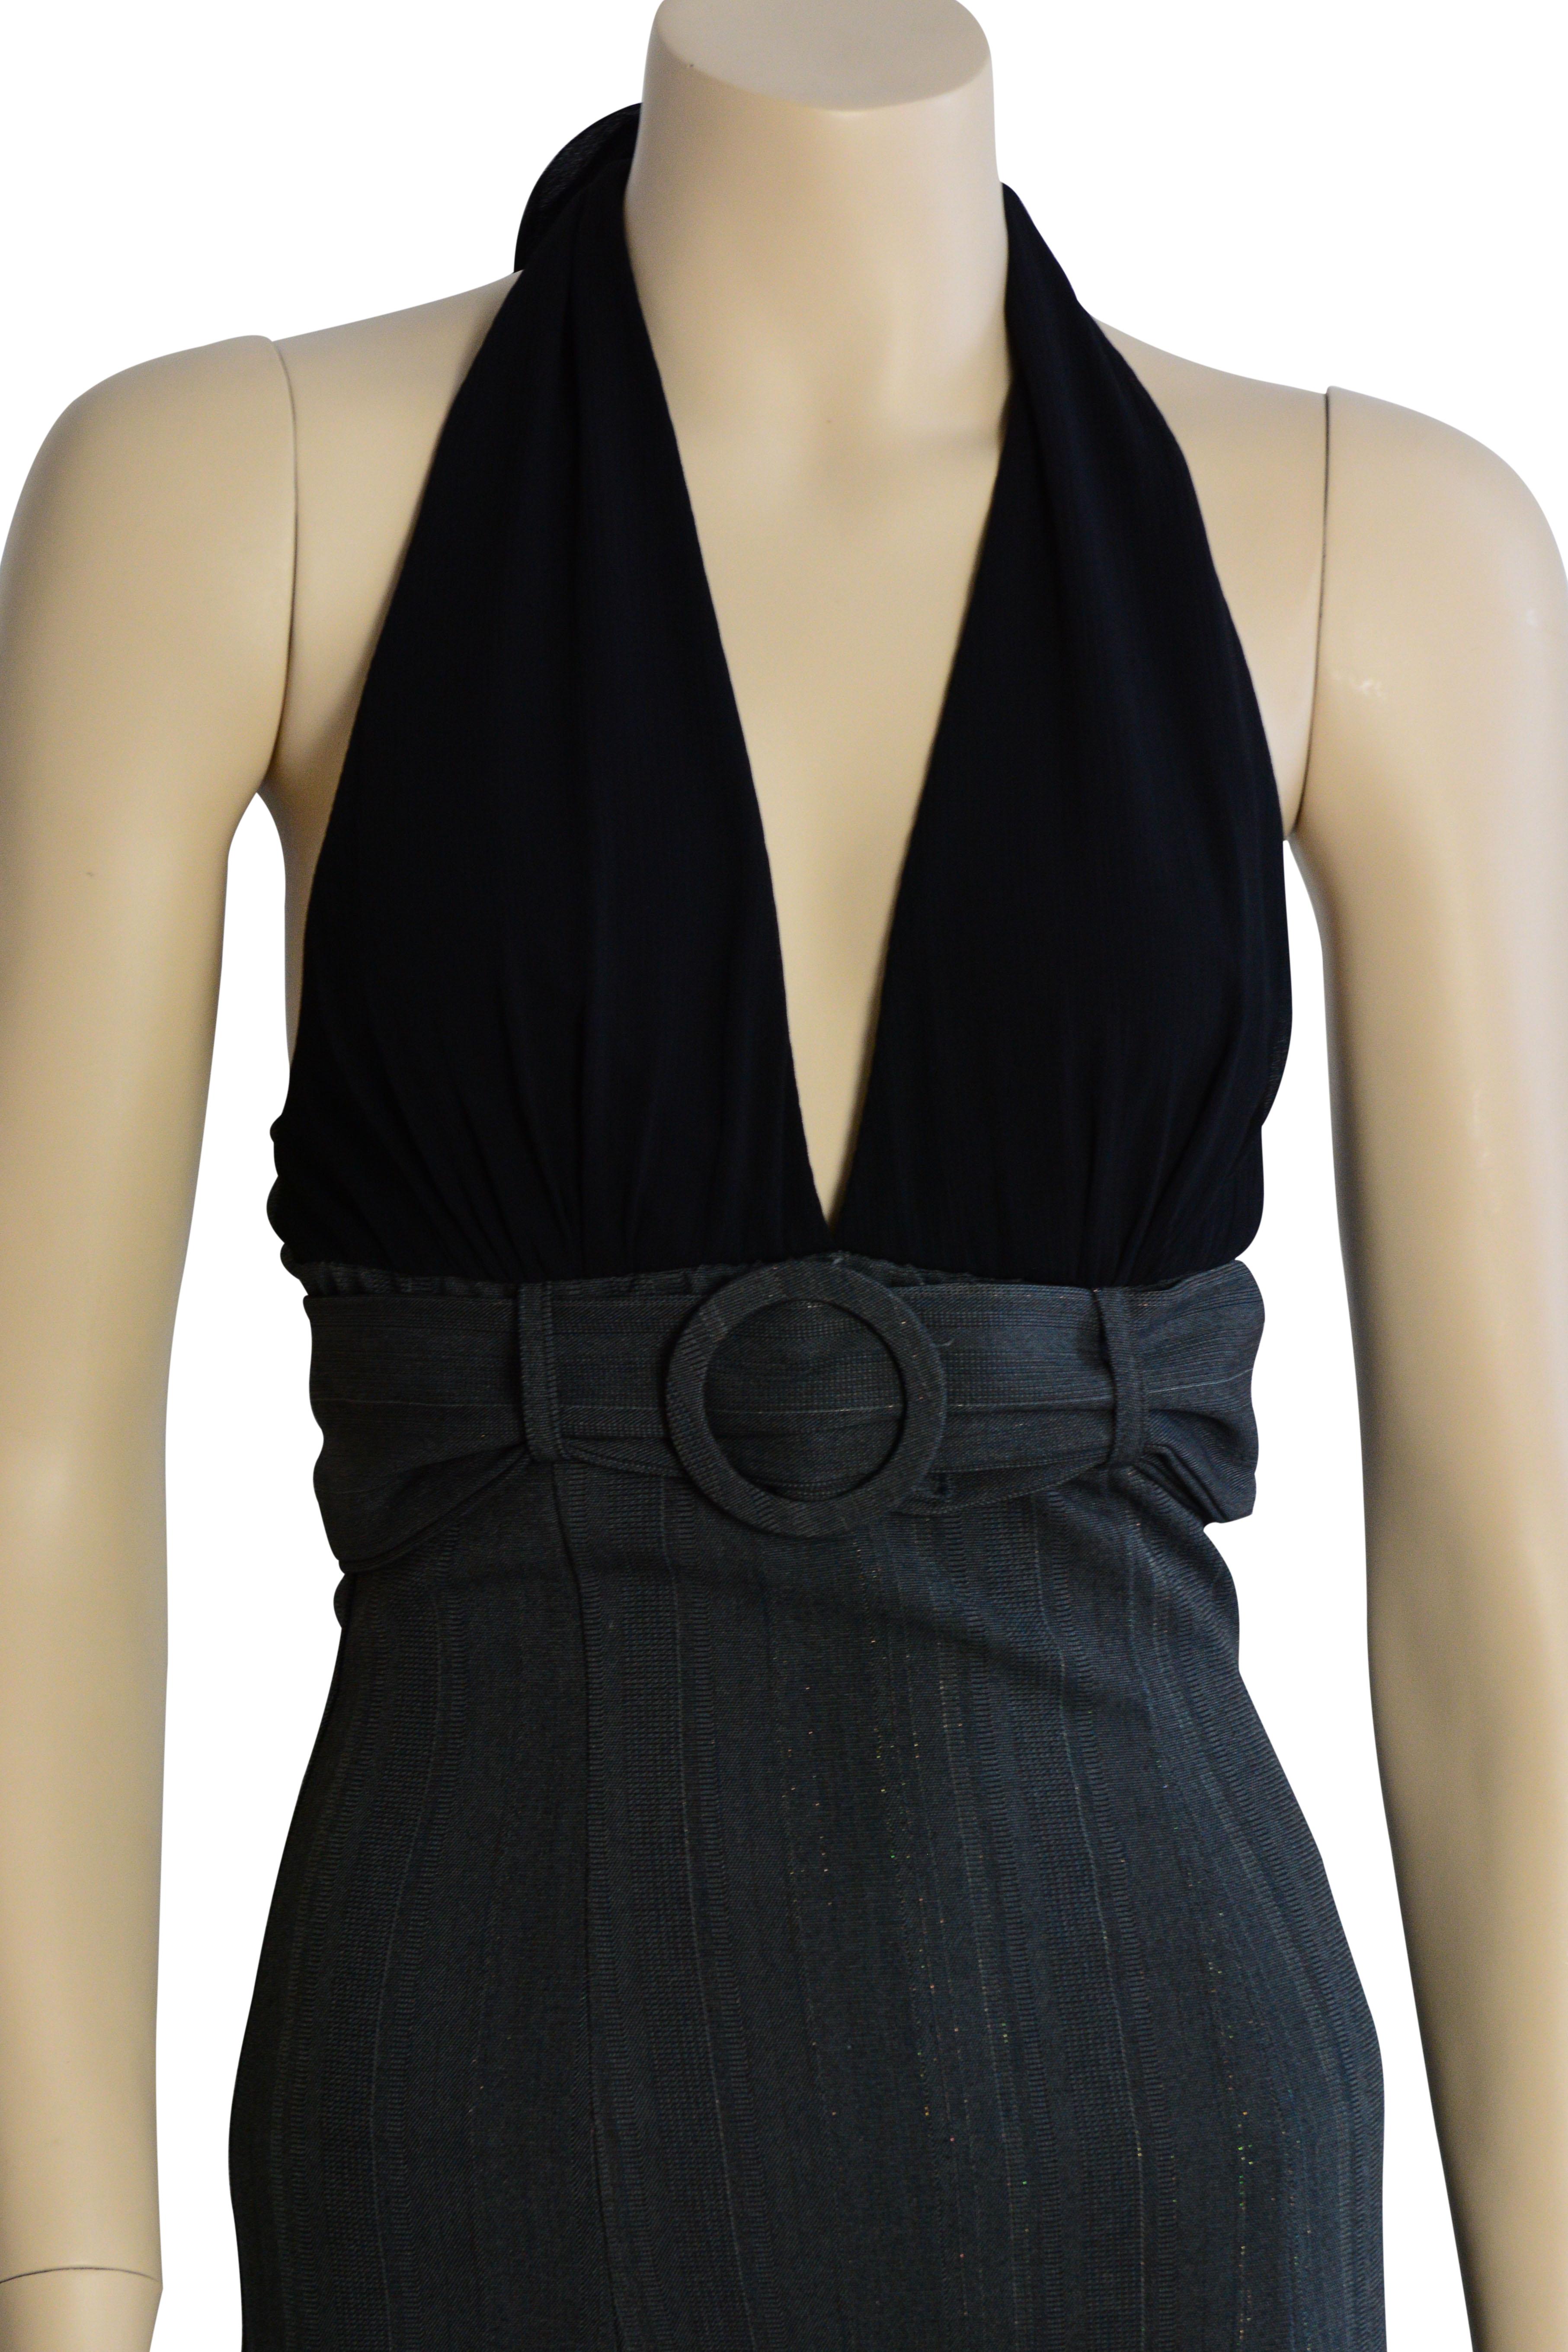 Black dress size 8 nwt